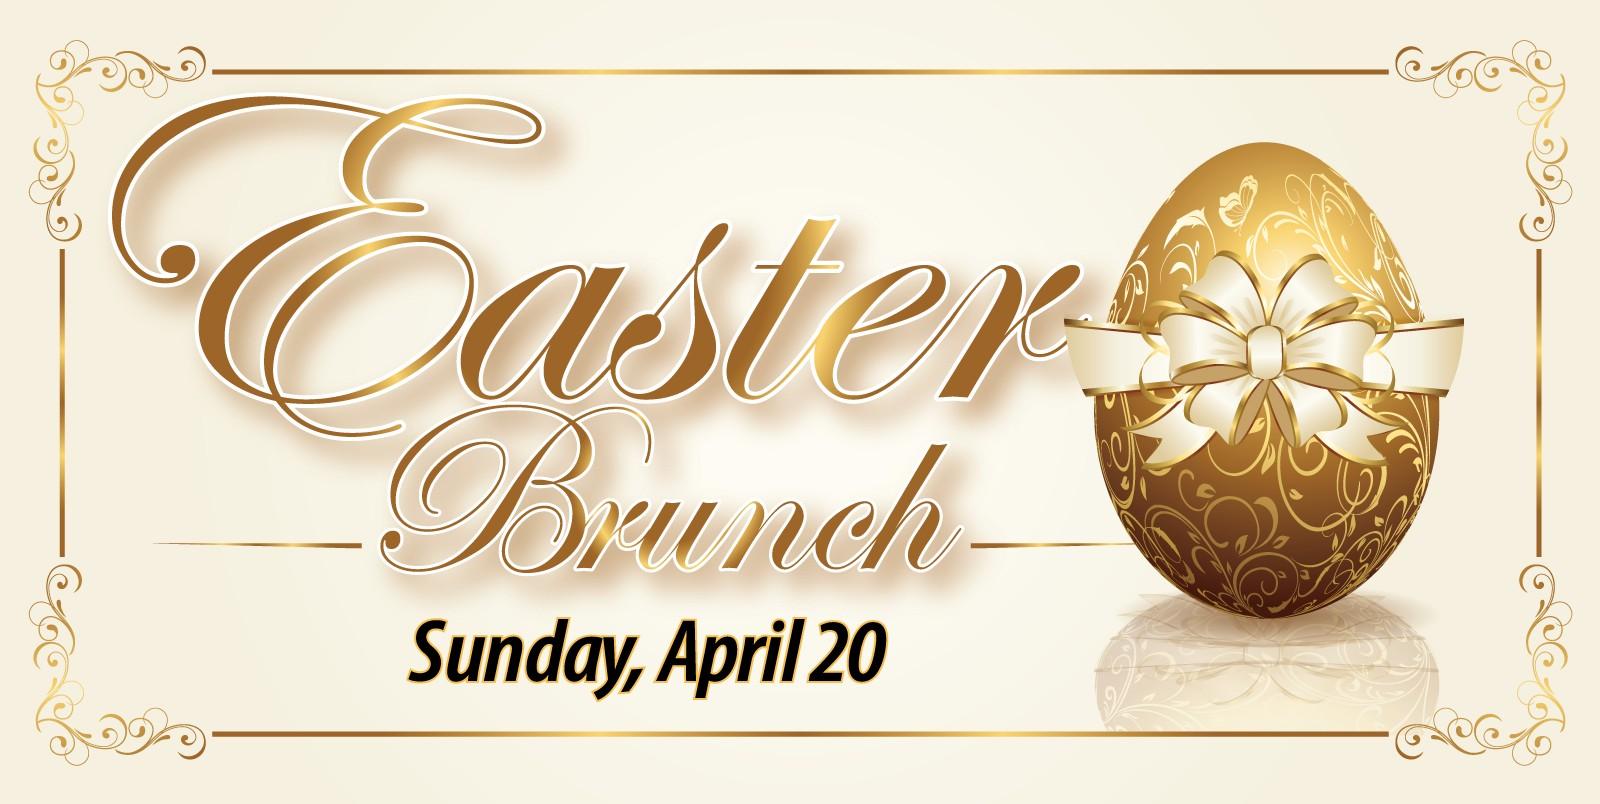 Easter Brunch Web Image